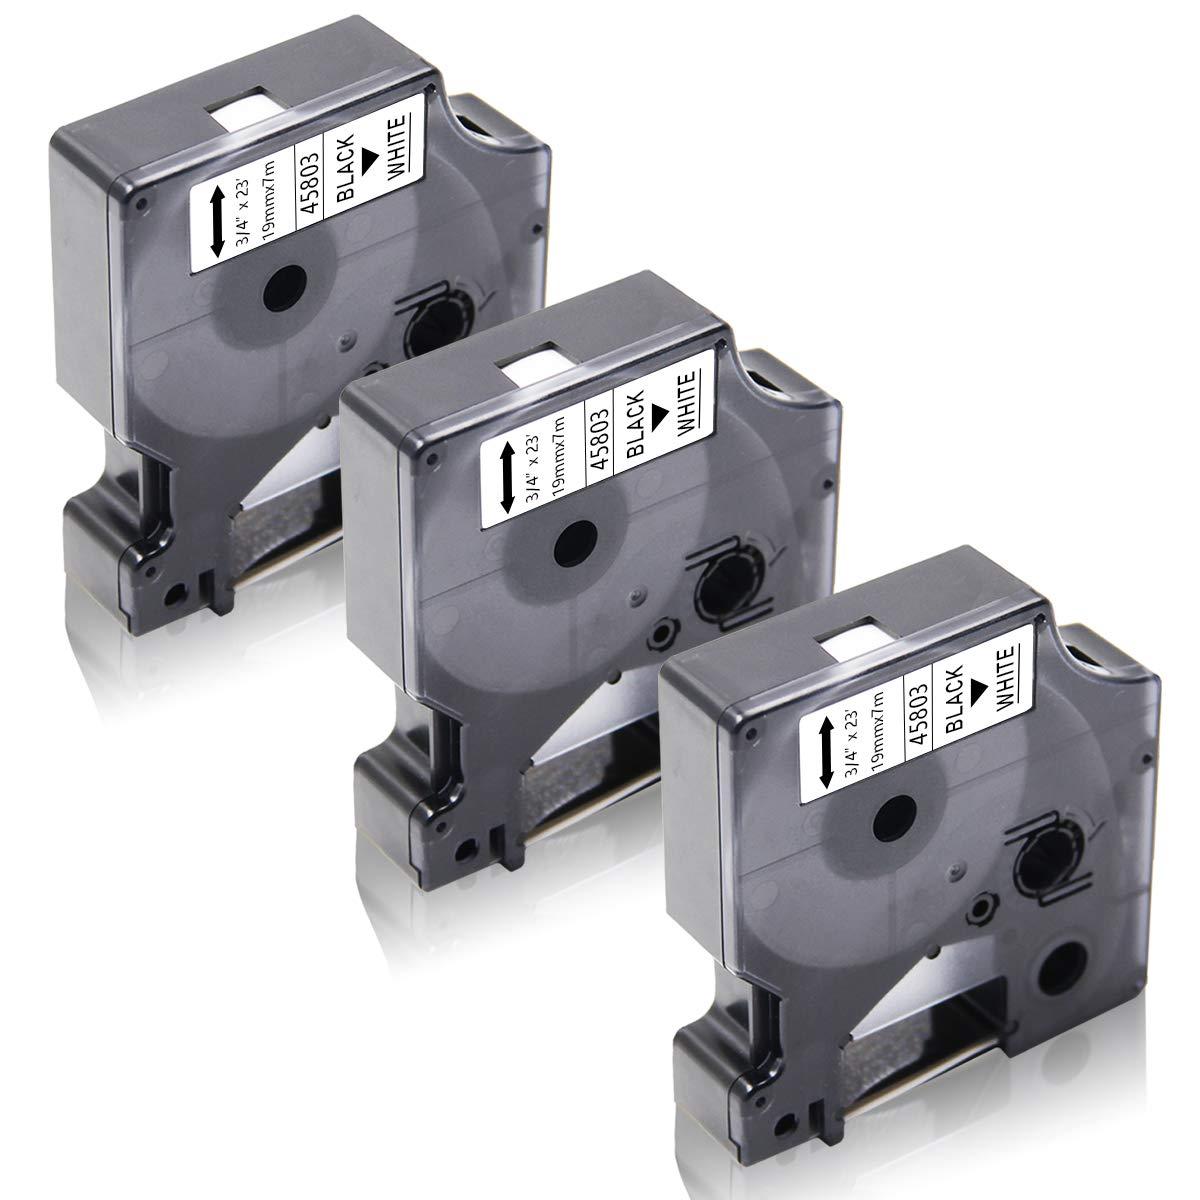 Xemax 3 Rollen 19mm x 7m Kompatibel Dymo D1 45803 S0720830 Schwarz auf Wei/ß Laminiert Schriftband LabelWriter 400 450 Duo LabelPoint 300 350 f/ür Dymo LabelManager 200 300 350 360D 450D 500TS